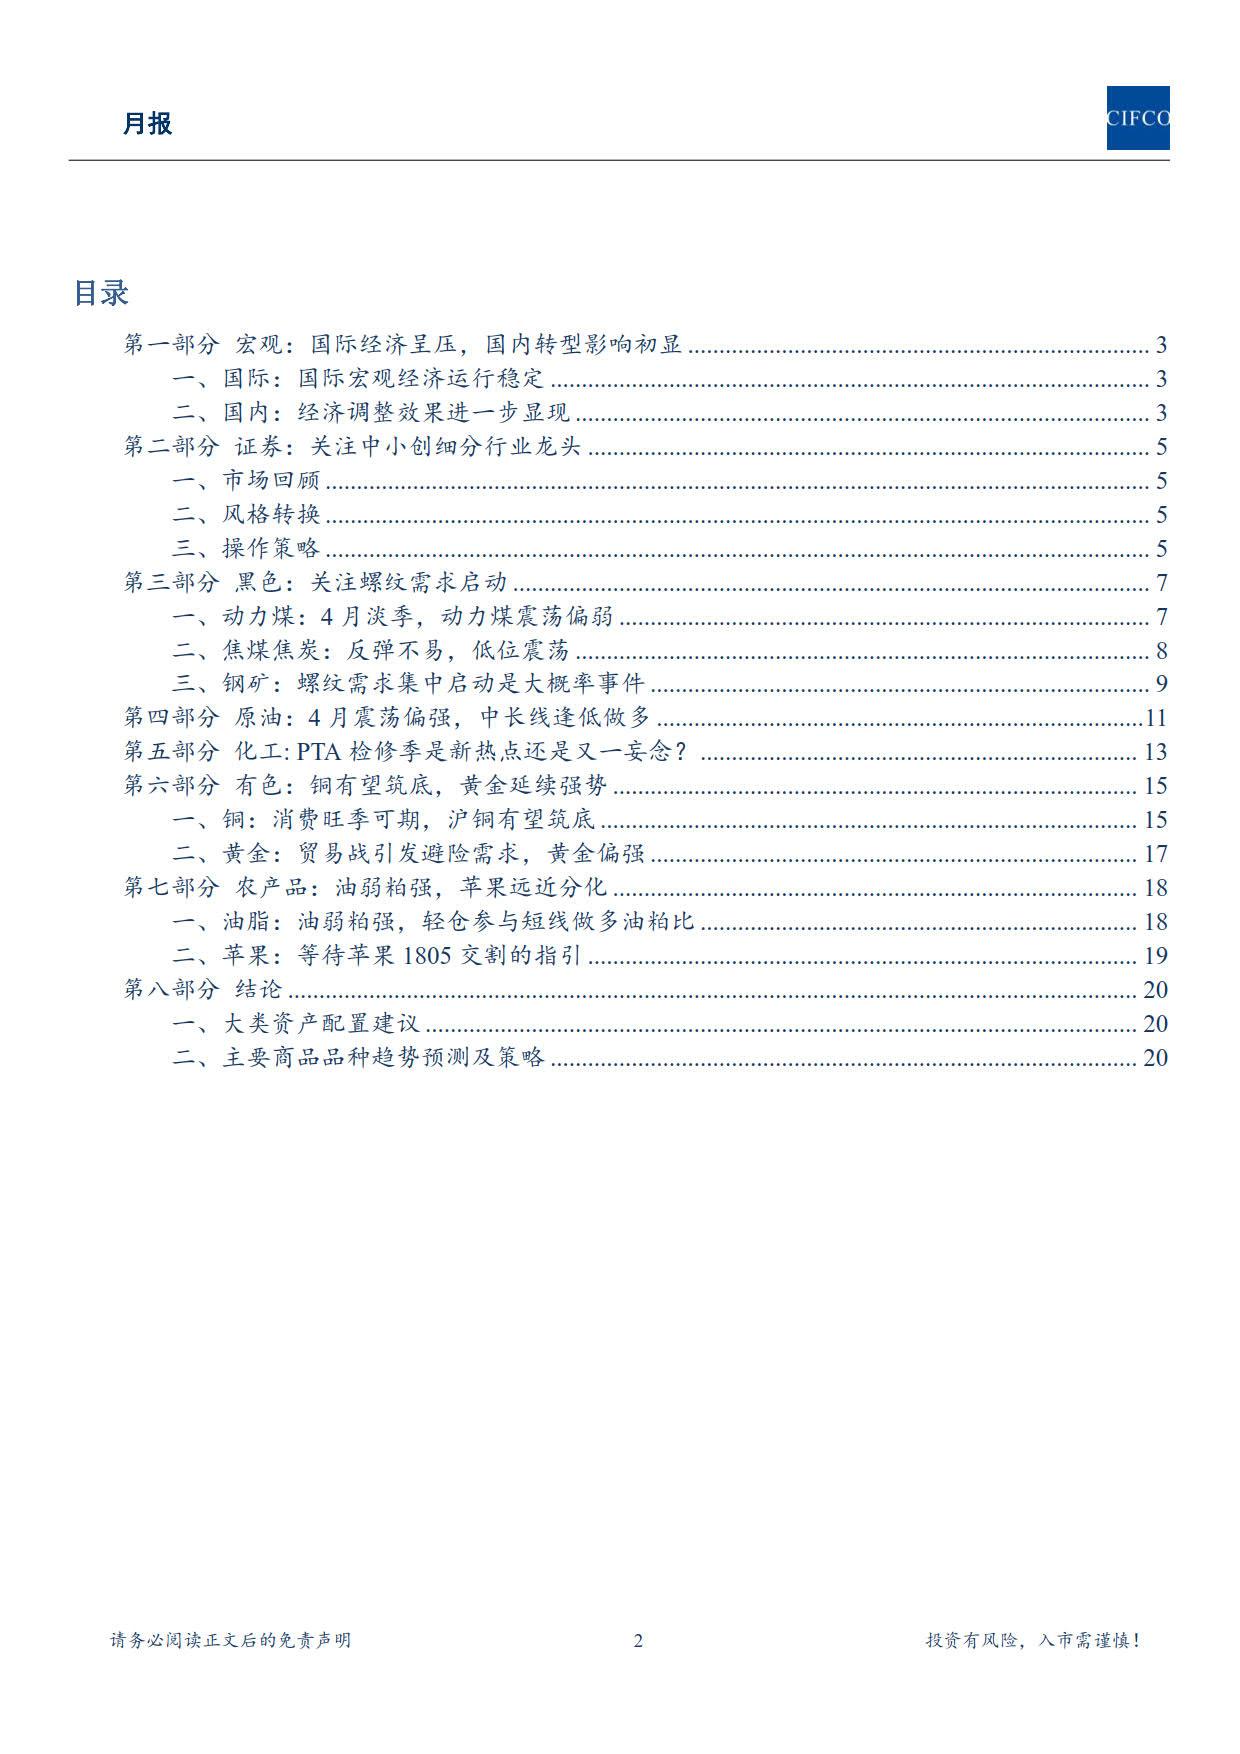 【月报】国际期货资本市场月报(2018年4月)4.4_2.jpg